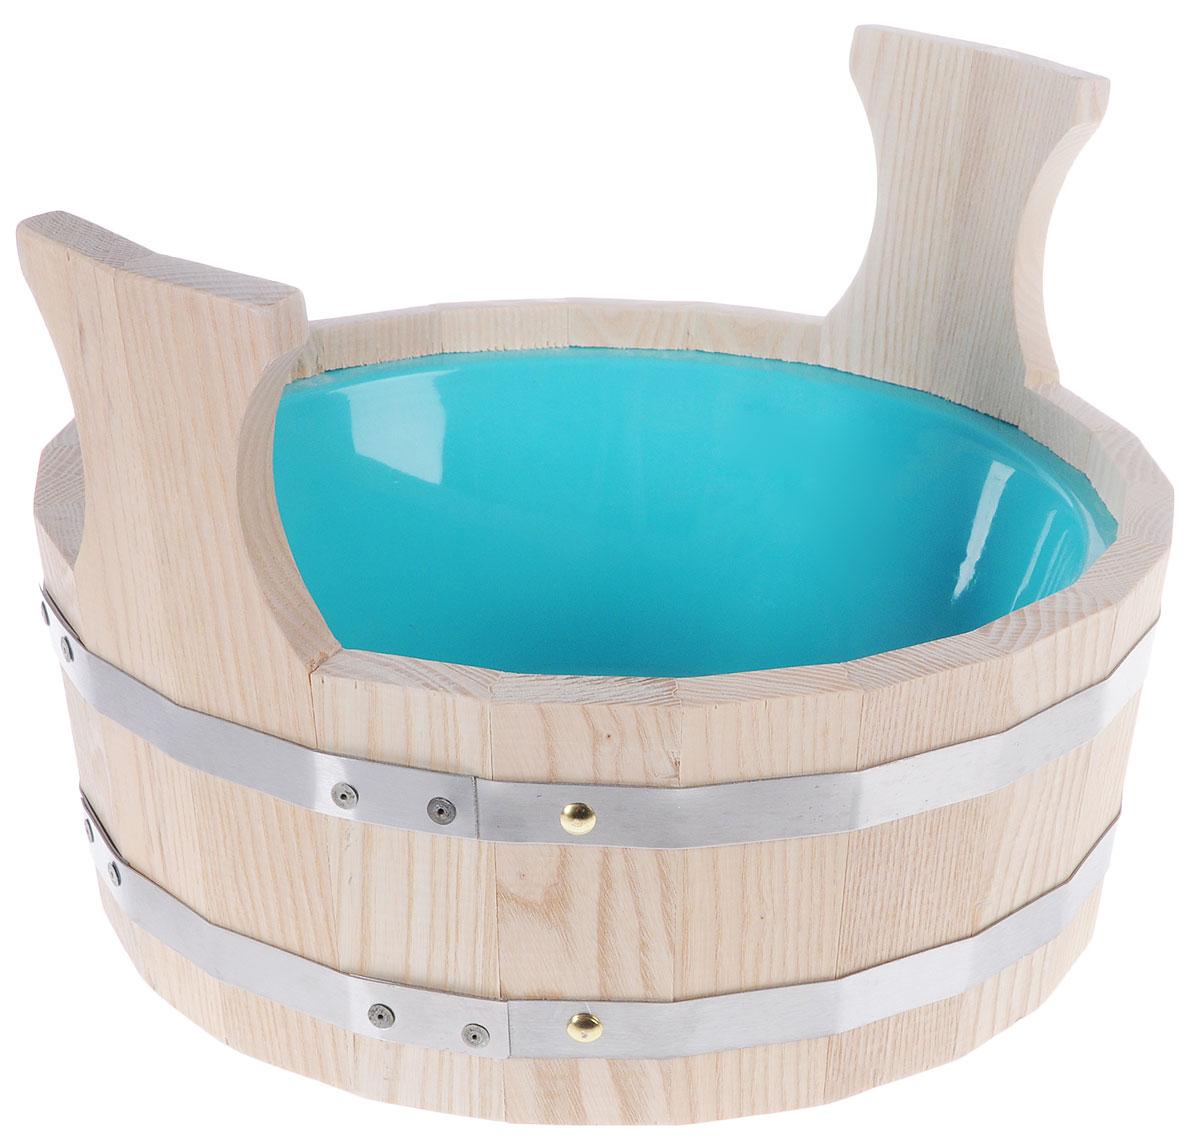 """Шайка для бани """"Невский банщик"""", с пластиковым вкладышем, цвет: бежевый, бирюзовый, 4,5 л"""